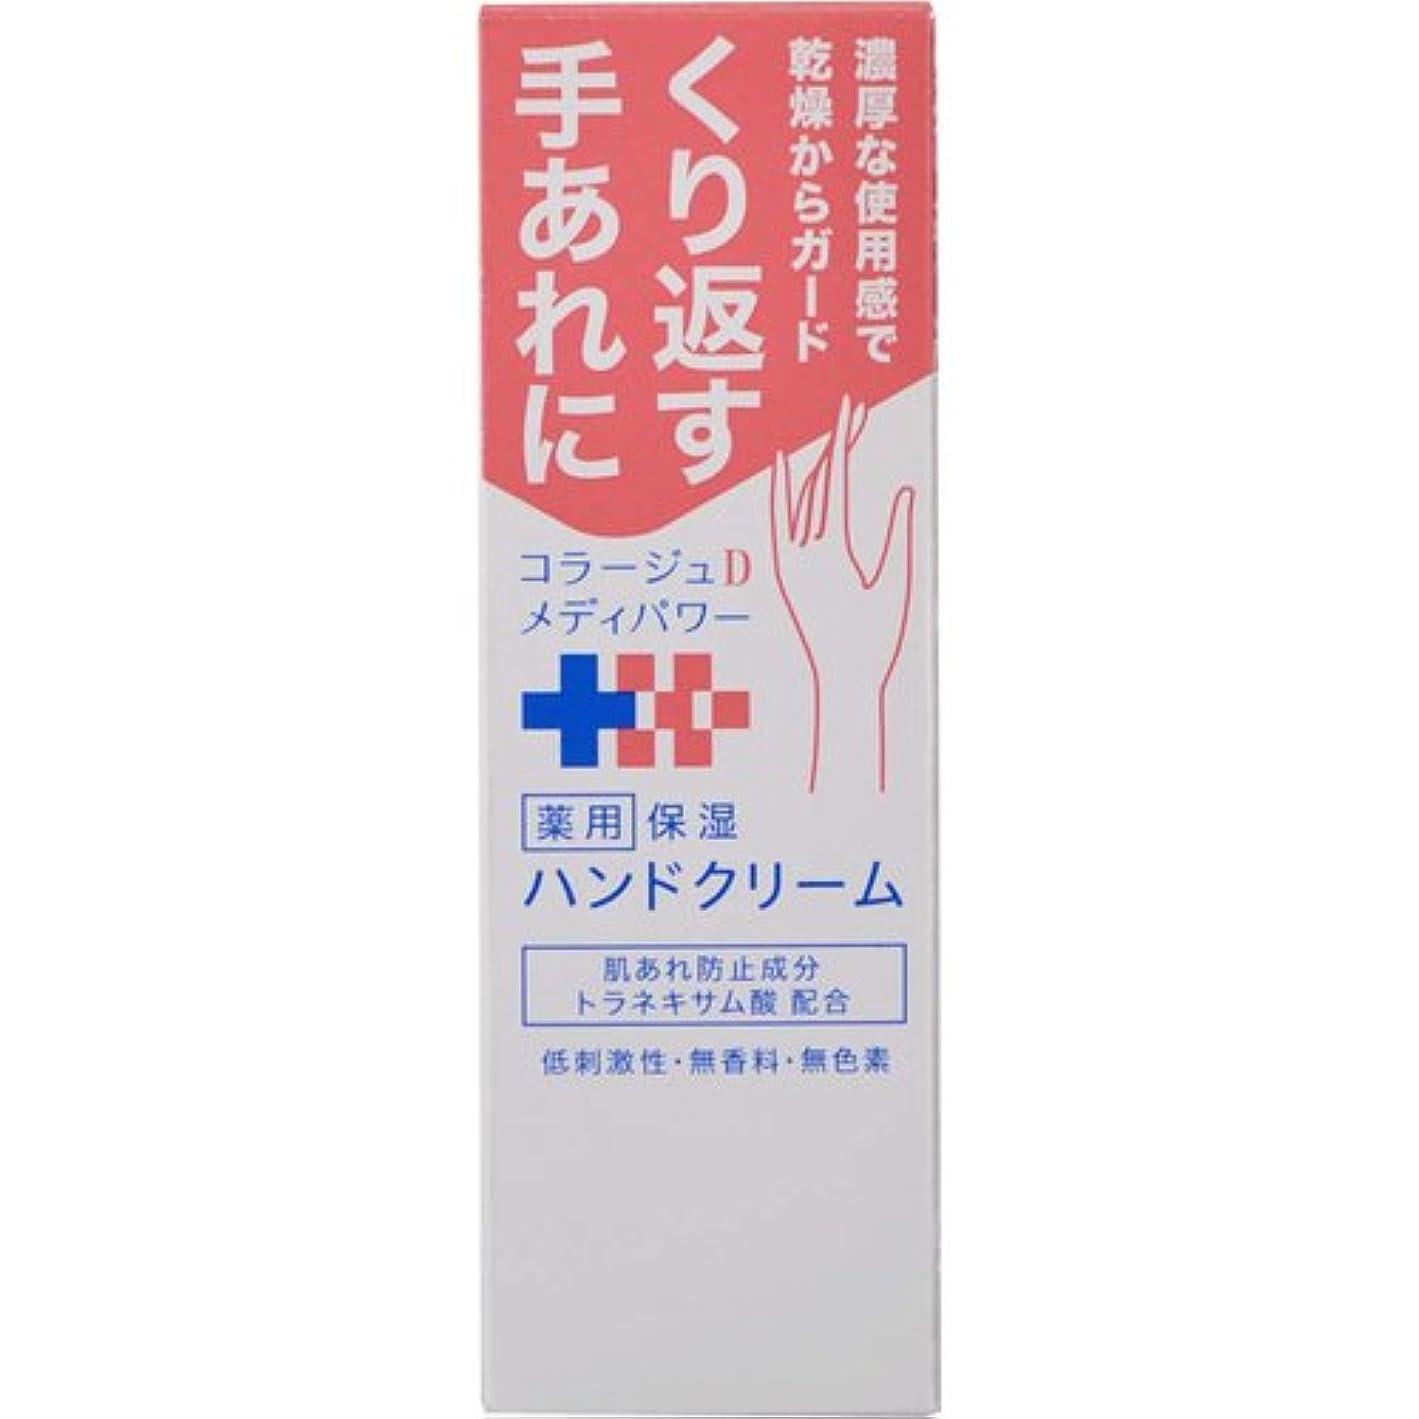 機関カメ半島コラージュ D メディパワー 保湿ハンドクリーム 30g 【医薬部外品】